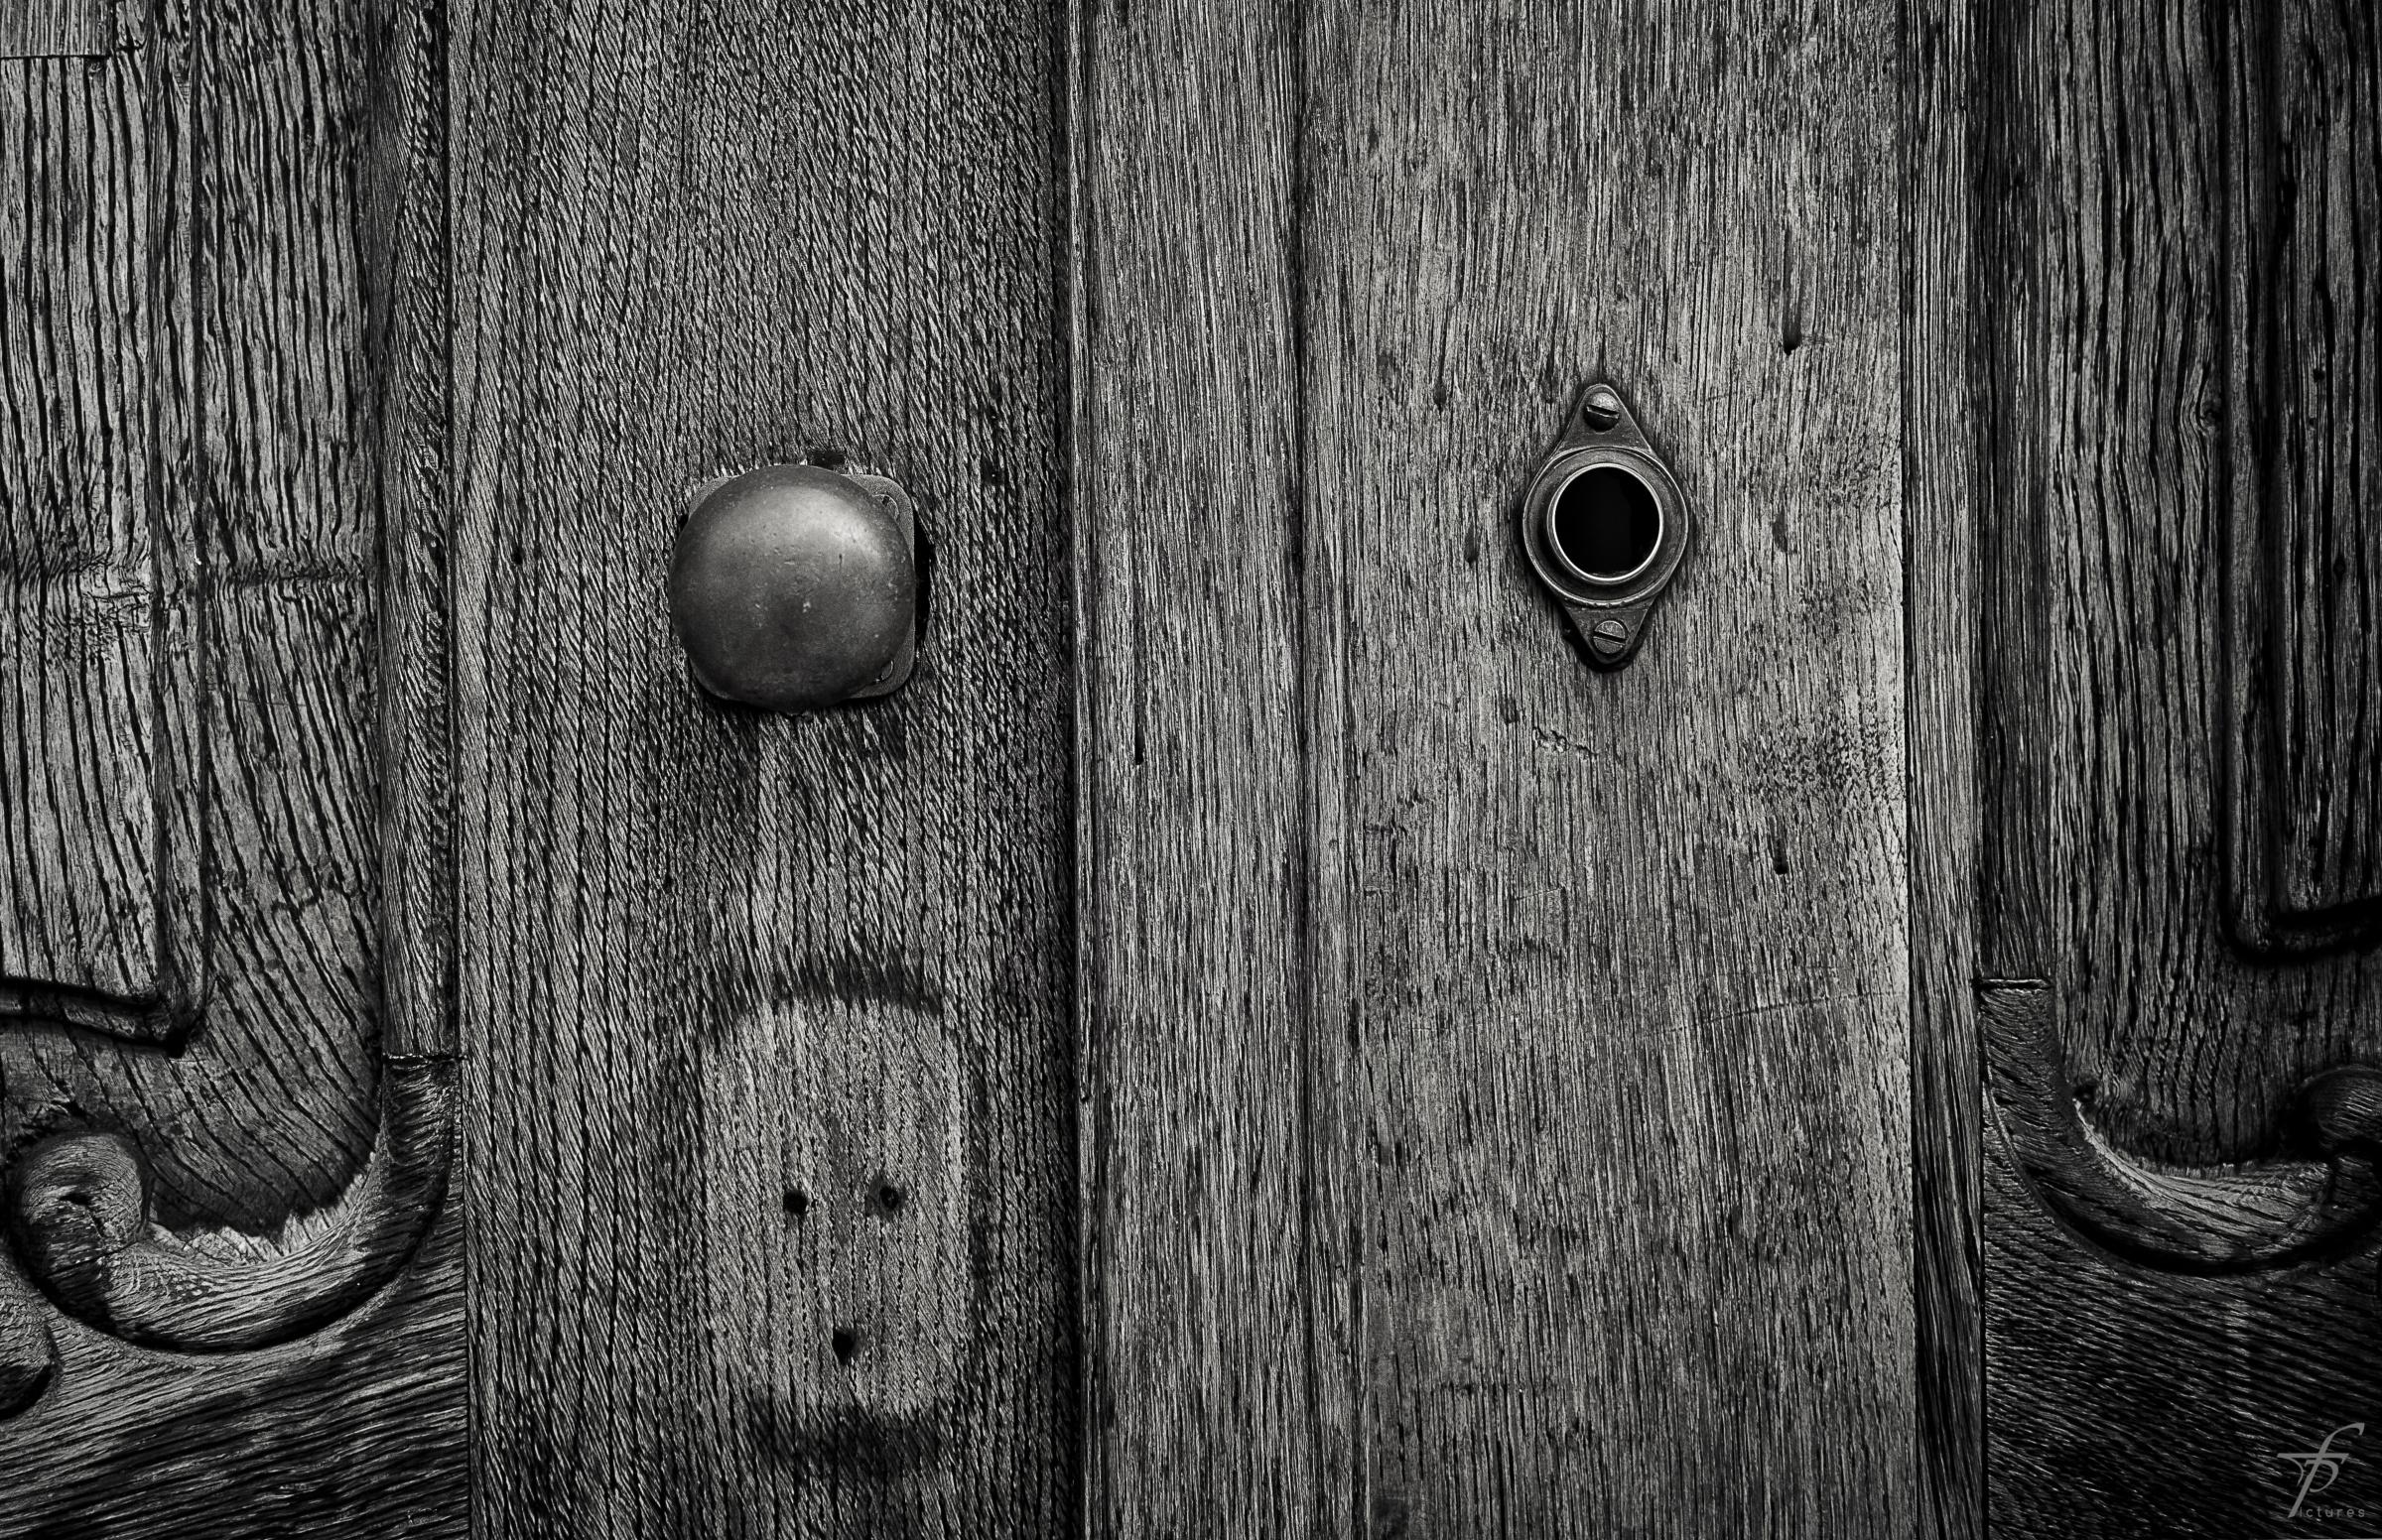 Keyhole photo